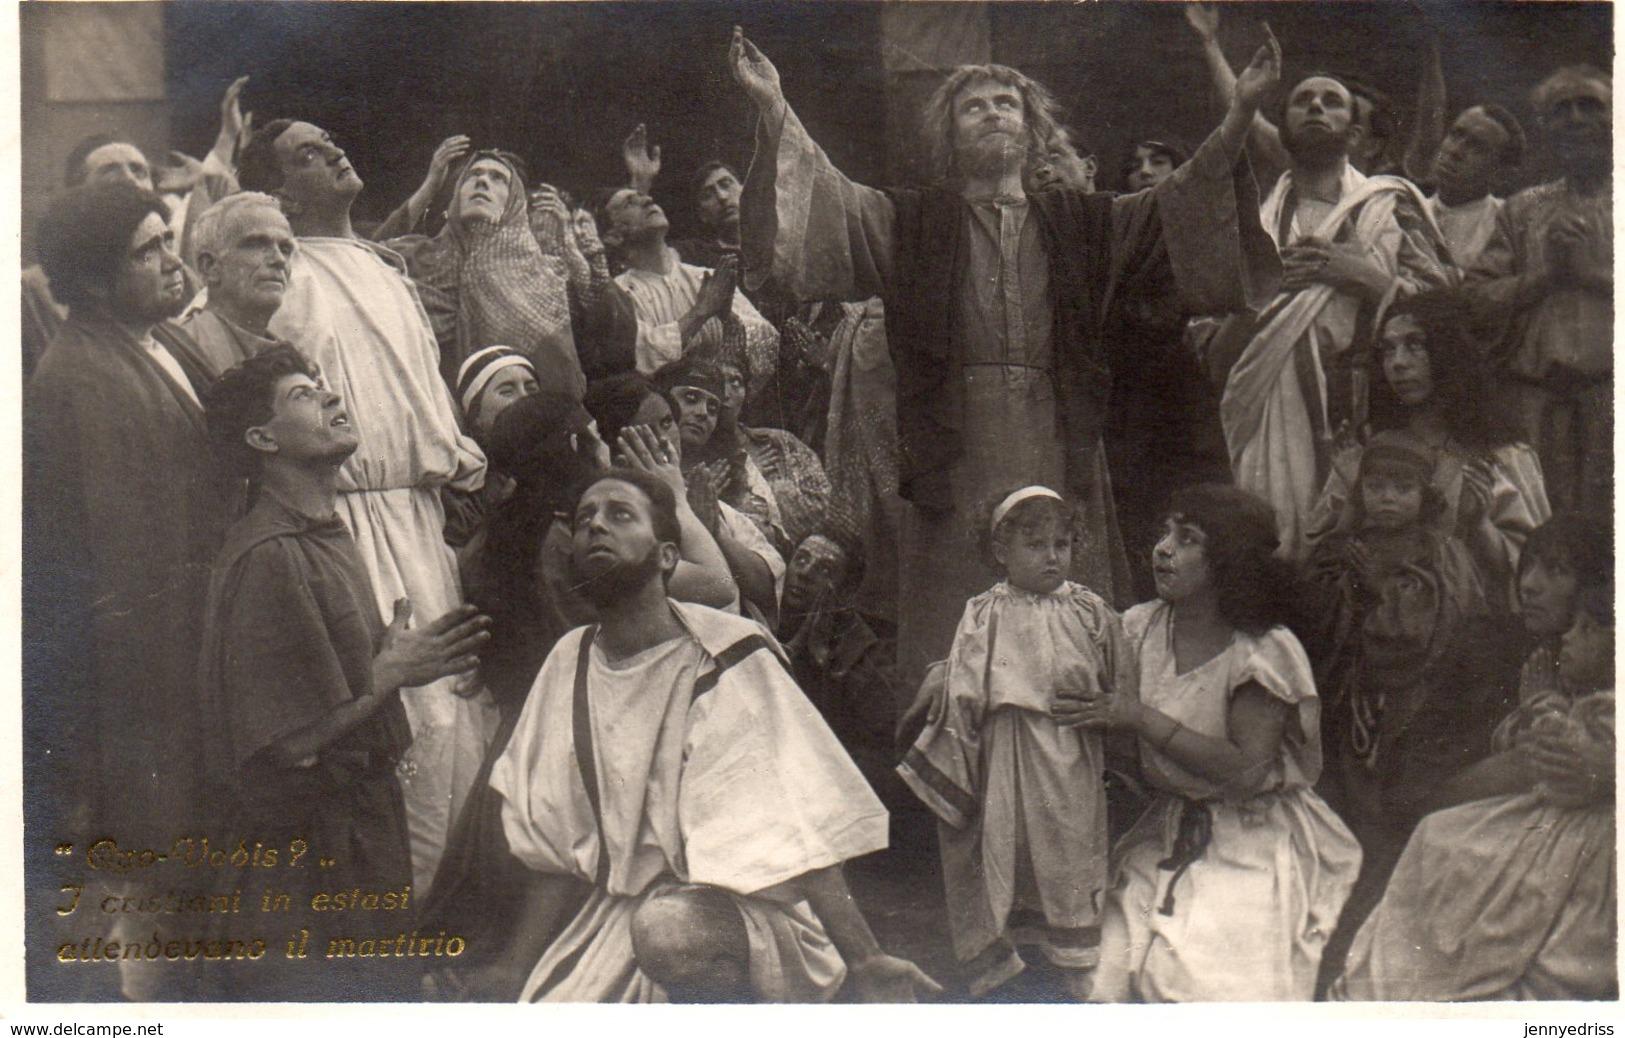 QUO  VADIS  ,  Film Muto  Del 1924  Regia Gabriellino  D Annunzio  E  Georg Jacoby - Attori